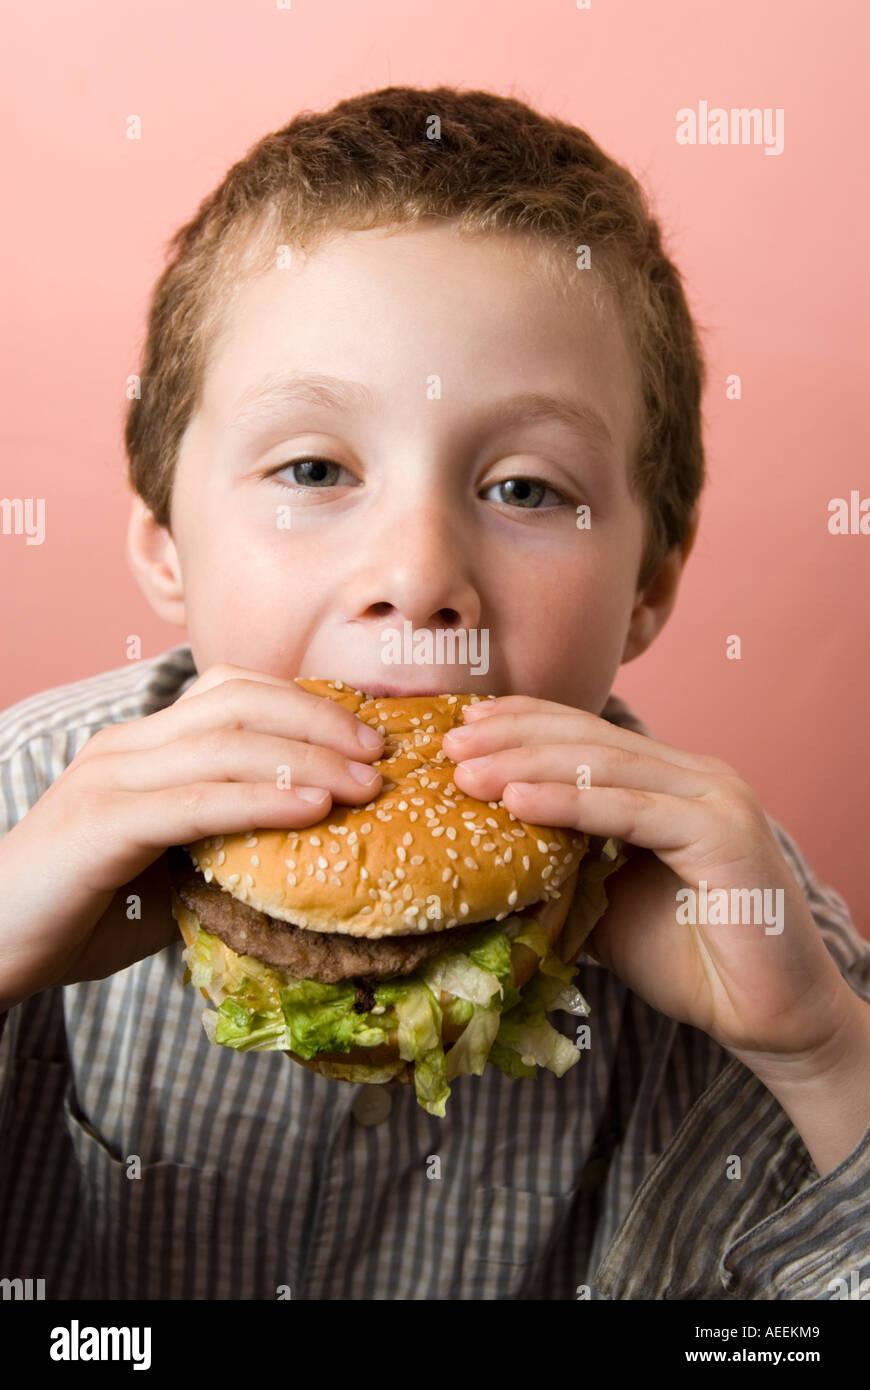 Boy eating McDonald's Big Mac burger, England, UK - Stock Image